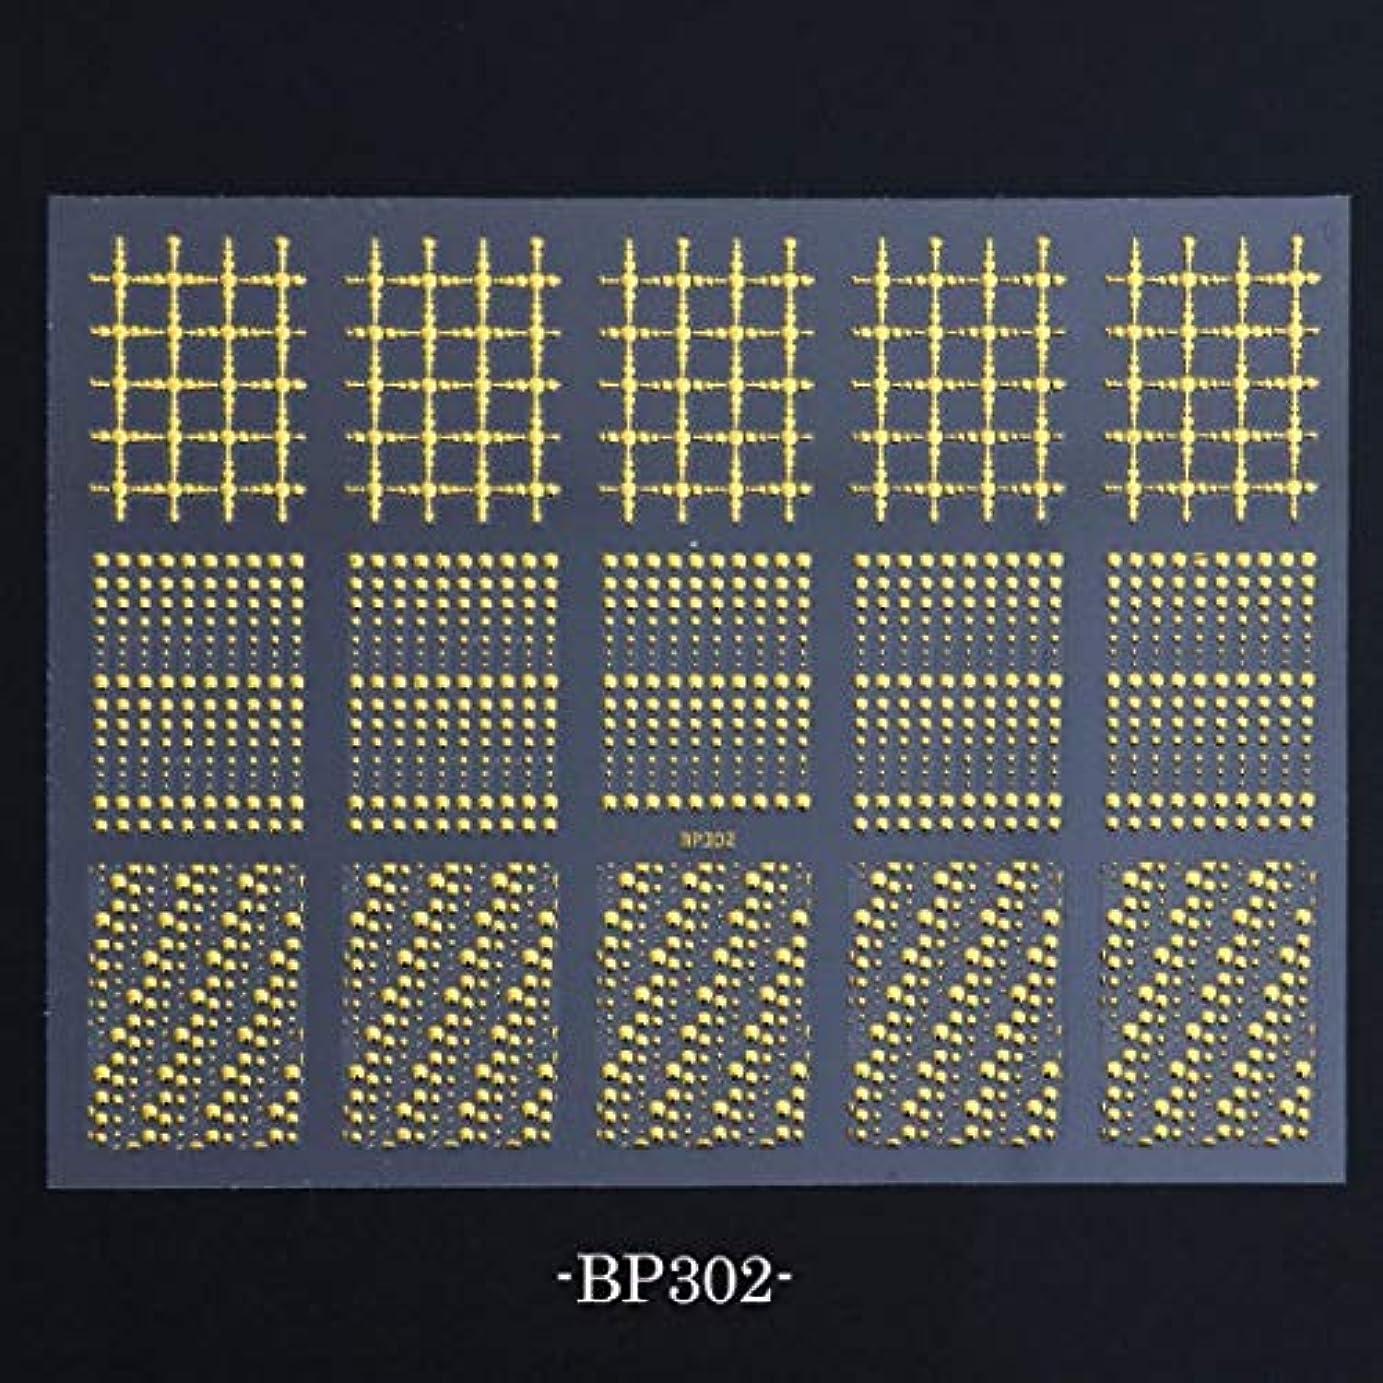 テレビ常に組み合わせSUKTI&XIAO ネイルステッカー ネイルのための1Pcs 3Dのステッカーの金の月の星の幾何学的な縞ラインスライダーの付着力のステッカーの釘の芸術の装飾、Bp302